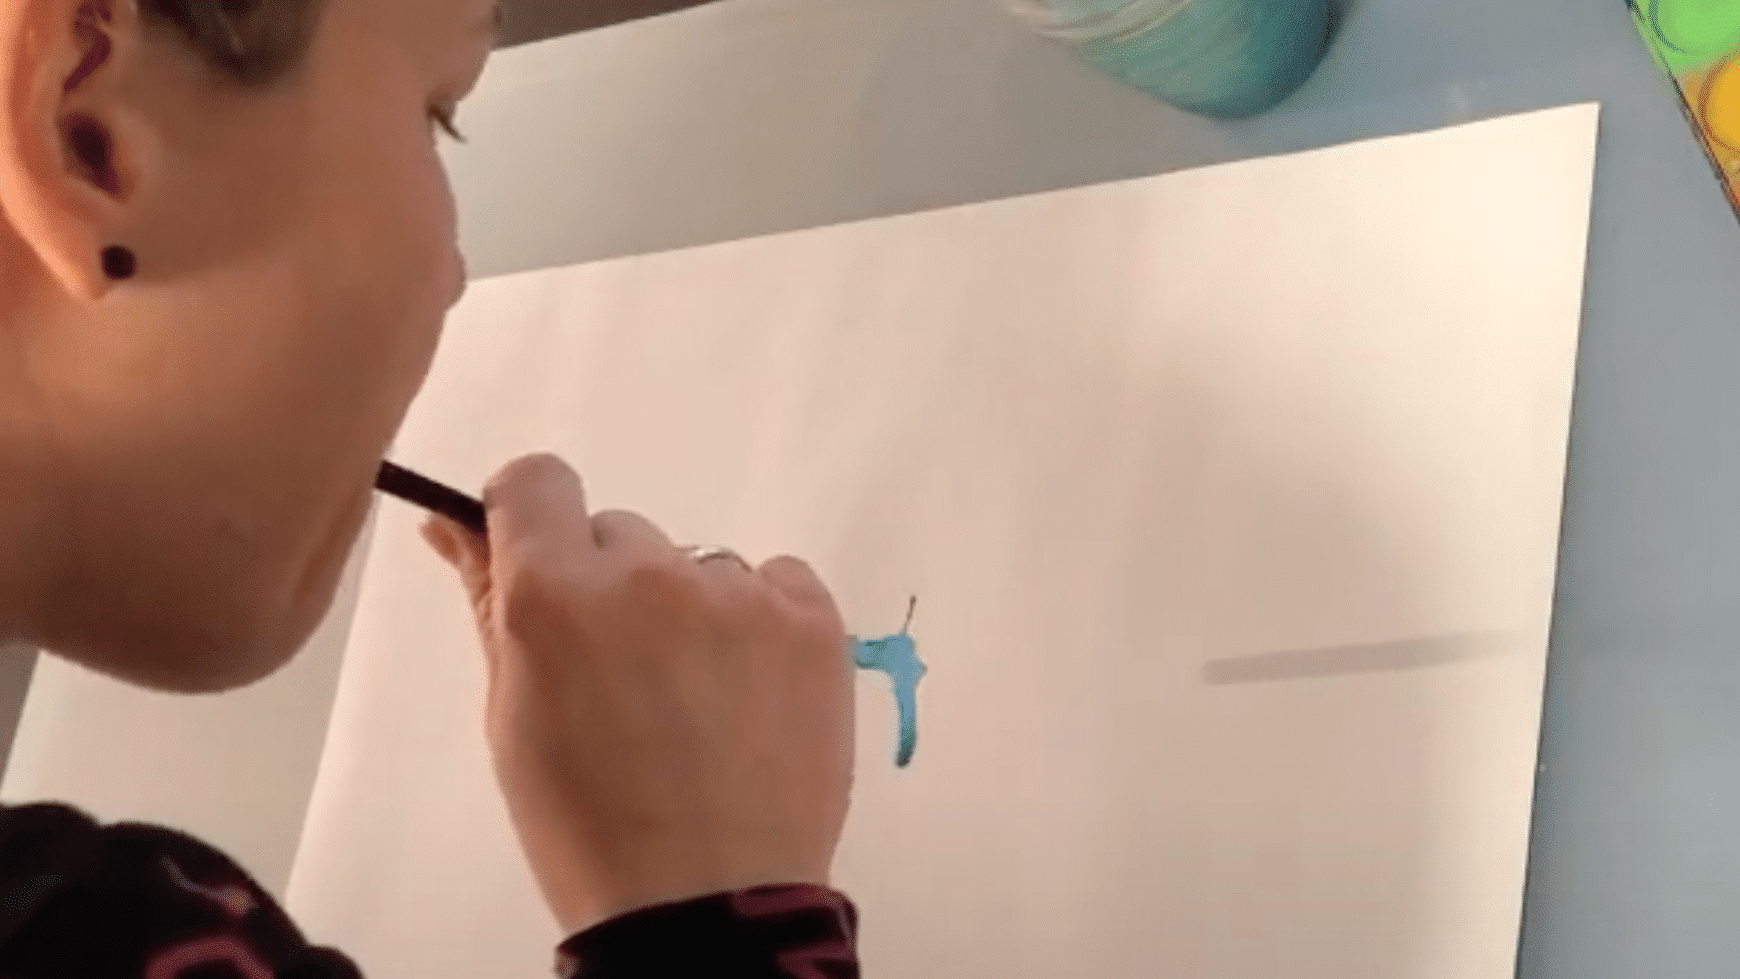 Mit dem Strohhalm verteilst du Farbe auf dem Blatt Papier